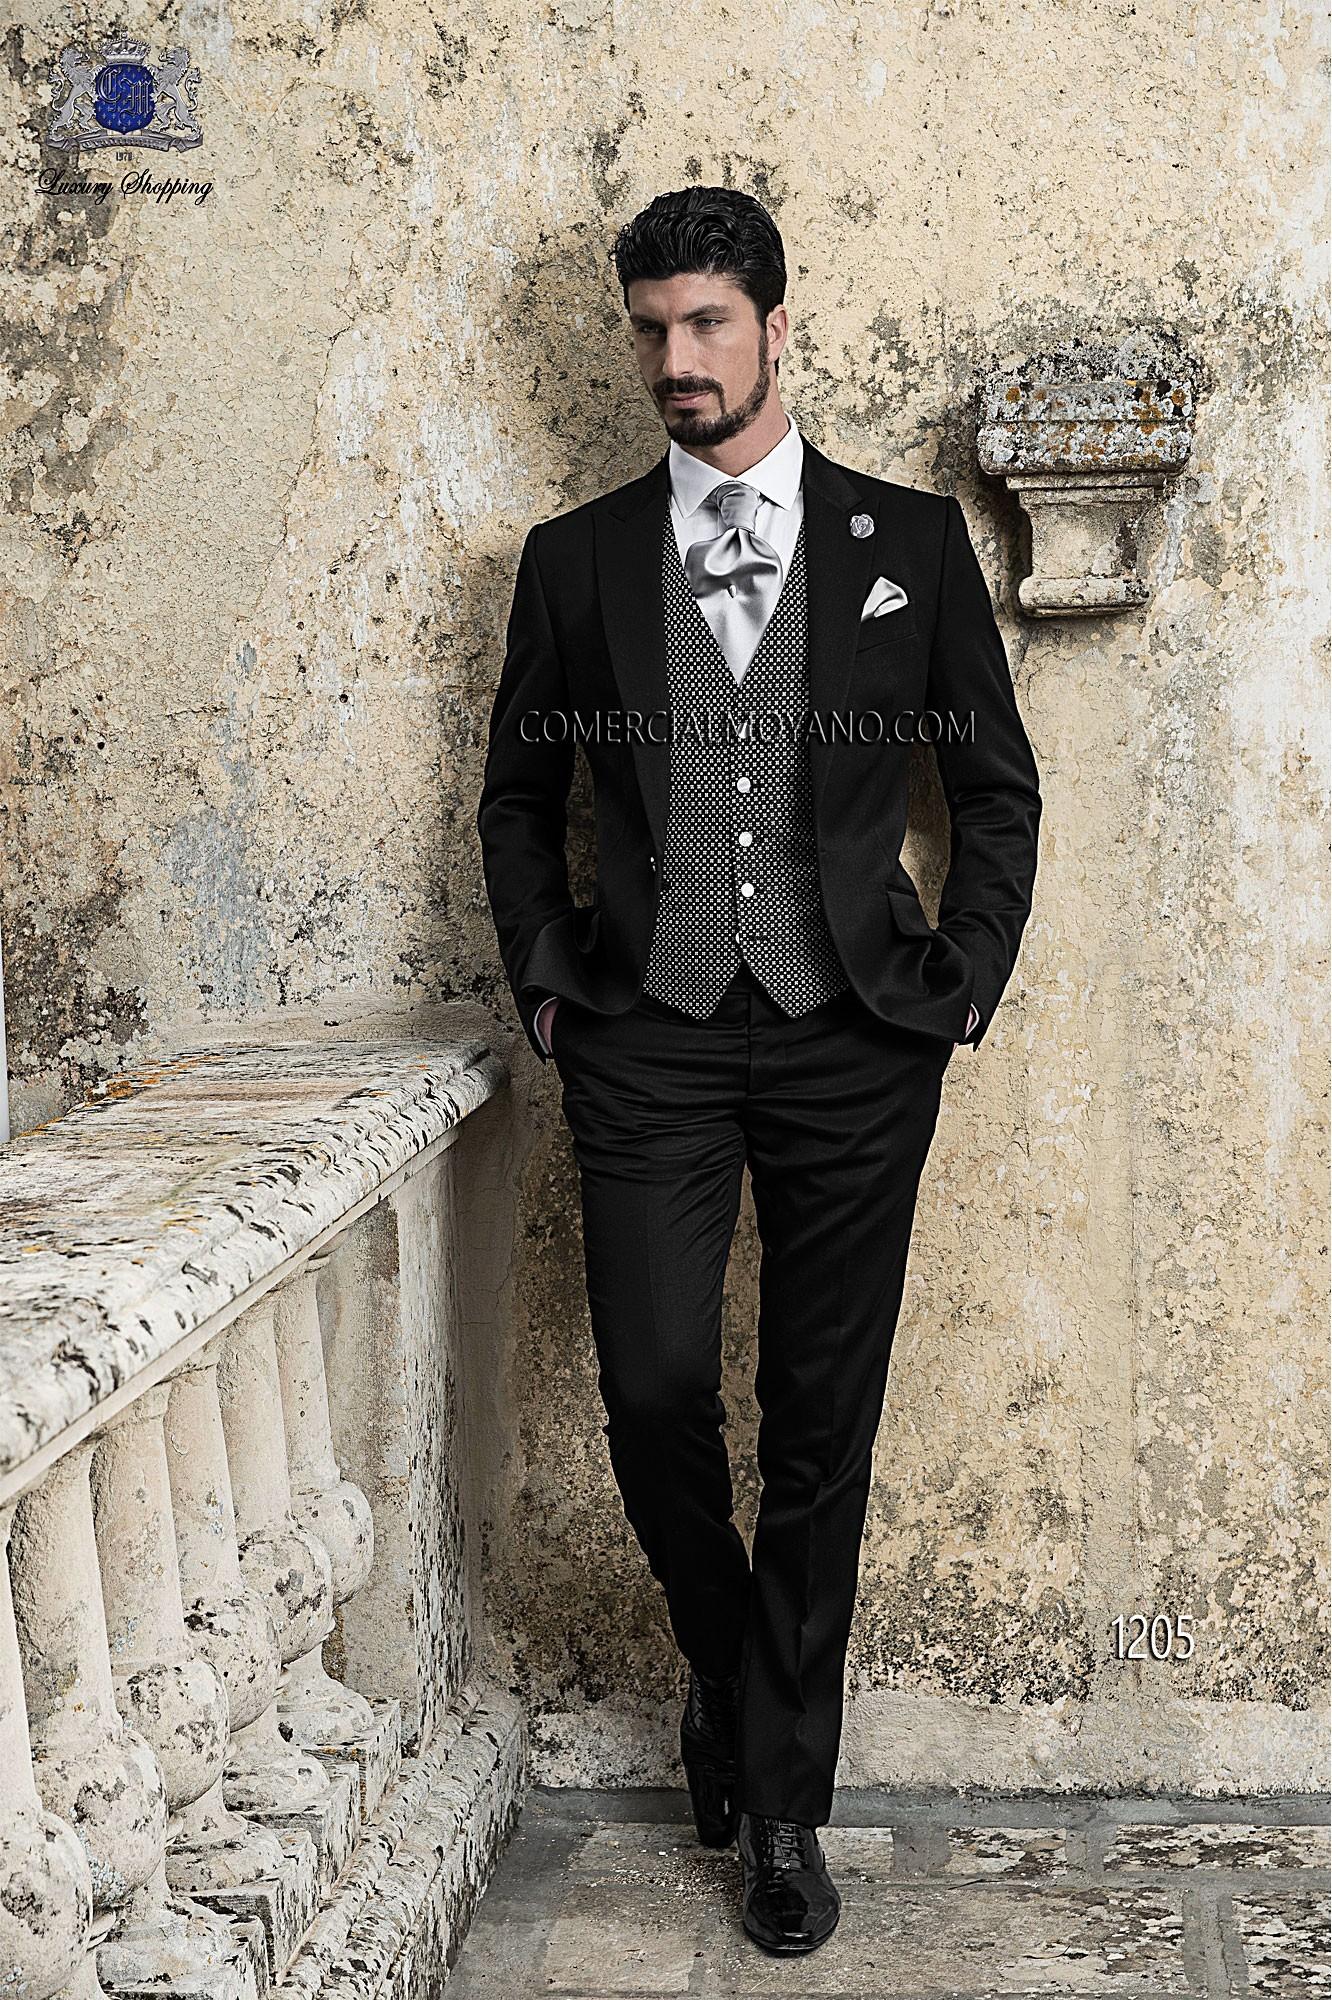 Traje de novio italiano negro modelo: 1205 Ottavio Nuccio Gala colección Gentleman